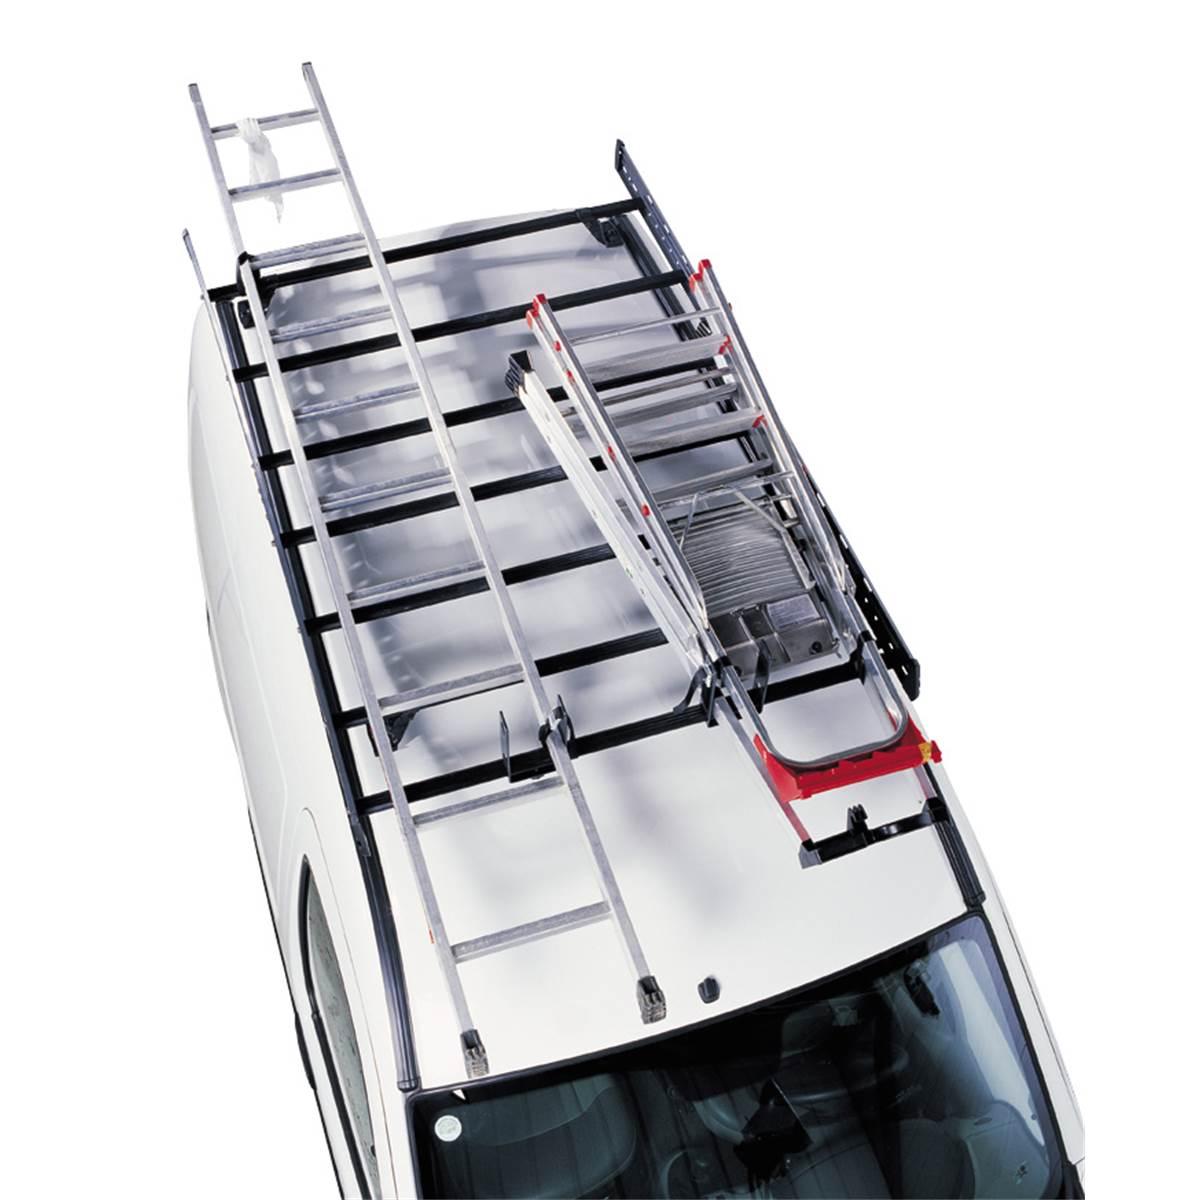 Galerie pour véhicule utilitaire PRO DECK MONT BLANC 500